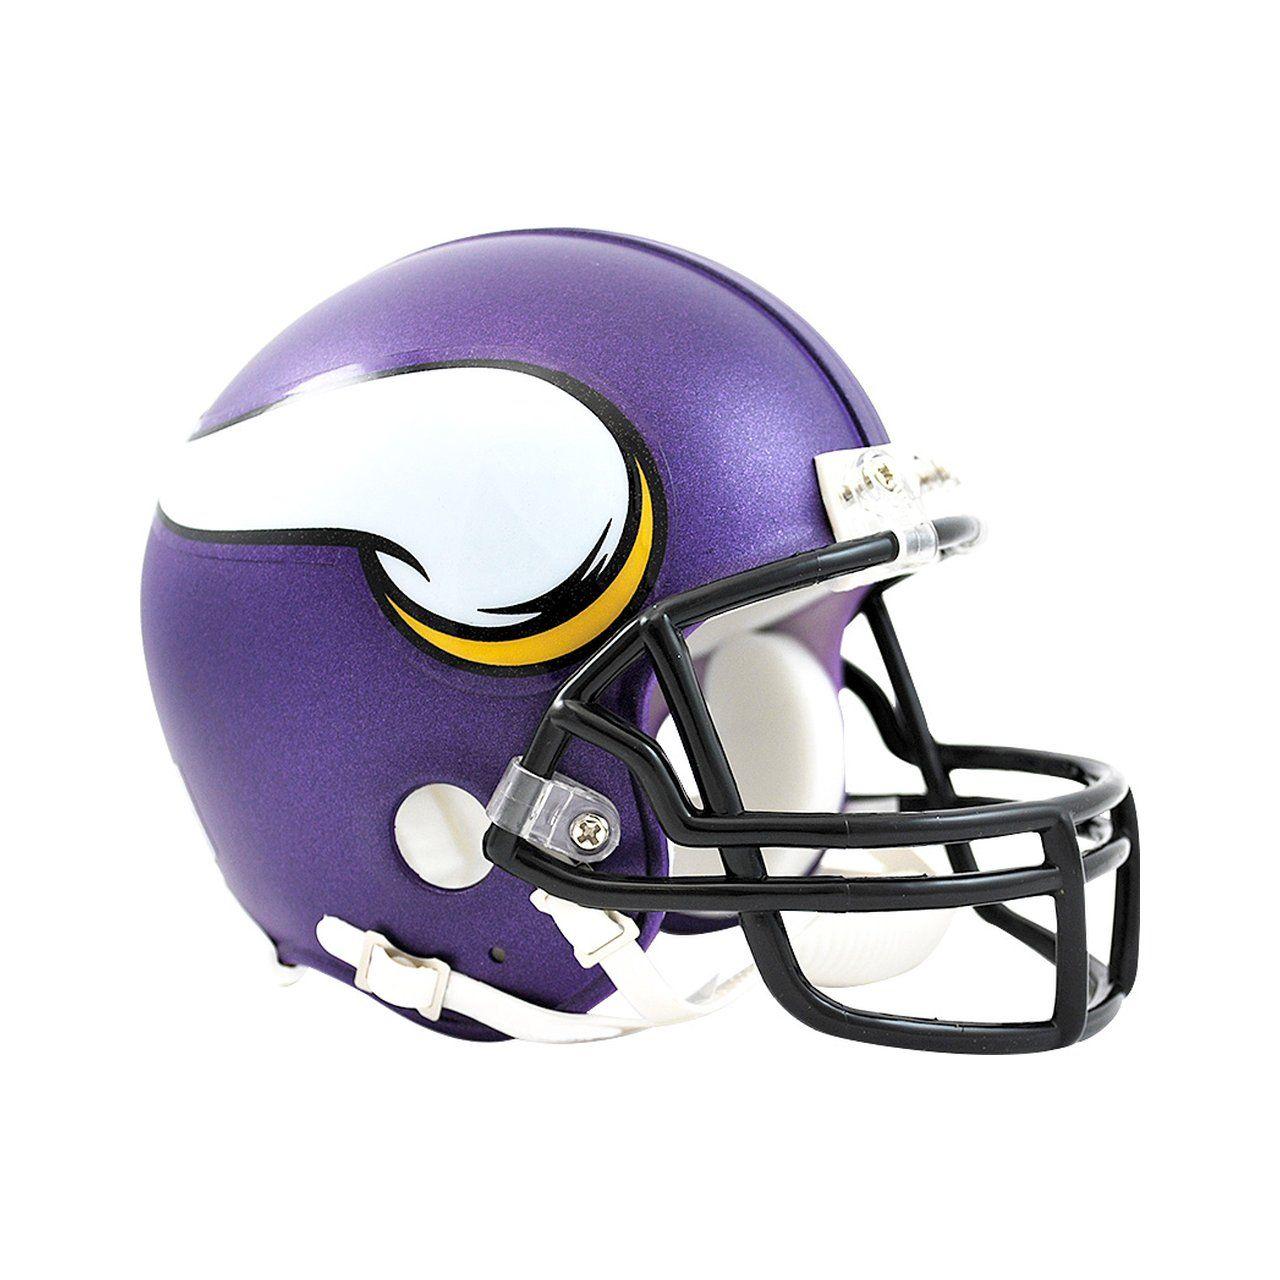 amfoo - Riddell VSR4 Mini Football Helm - NFL Minnesota Vikings